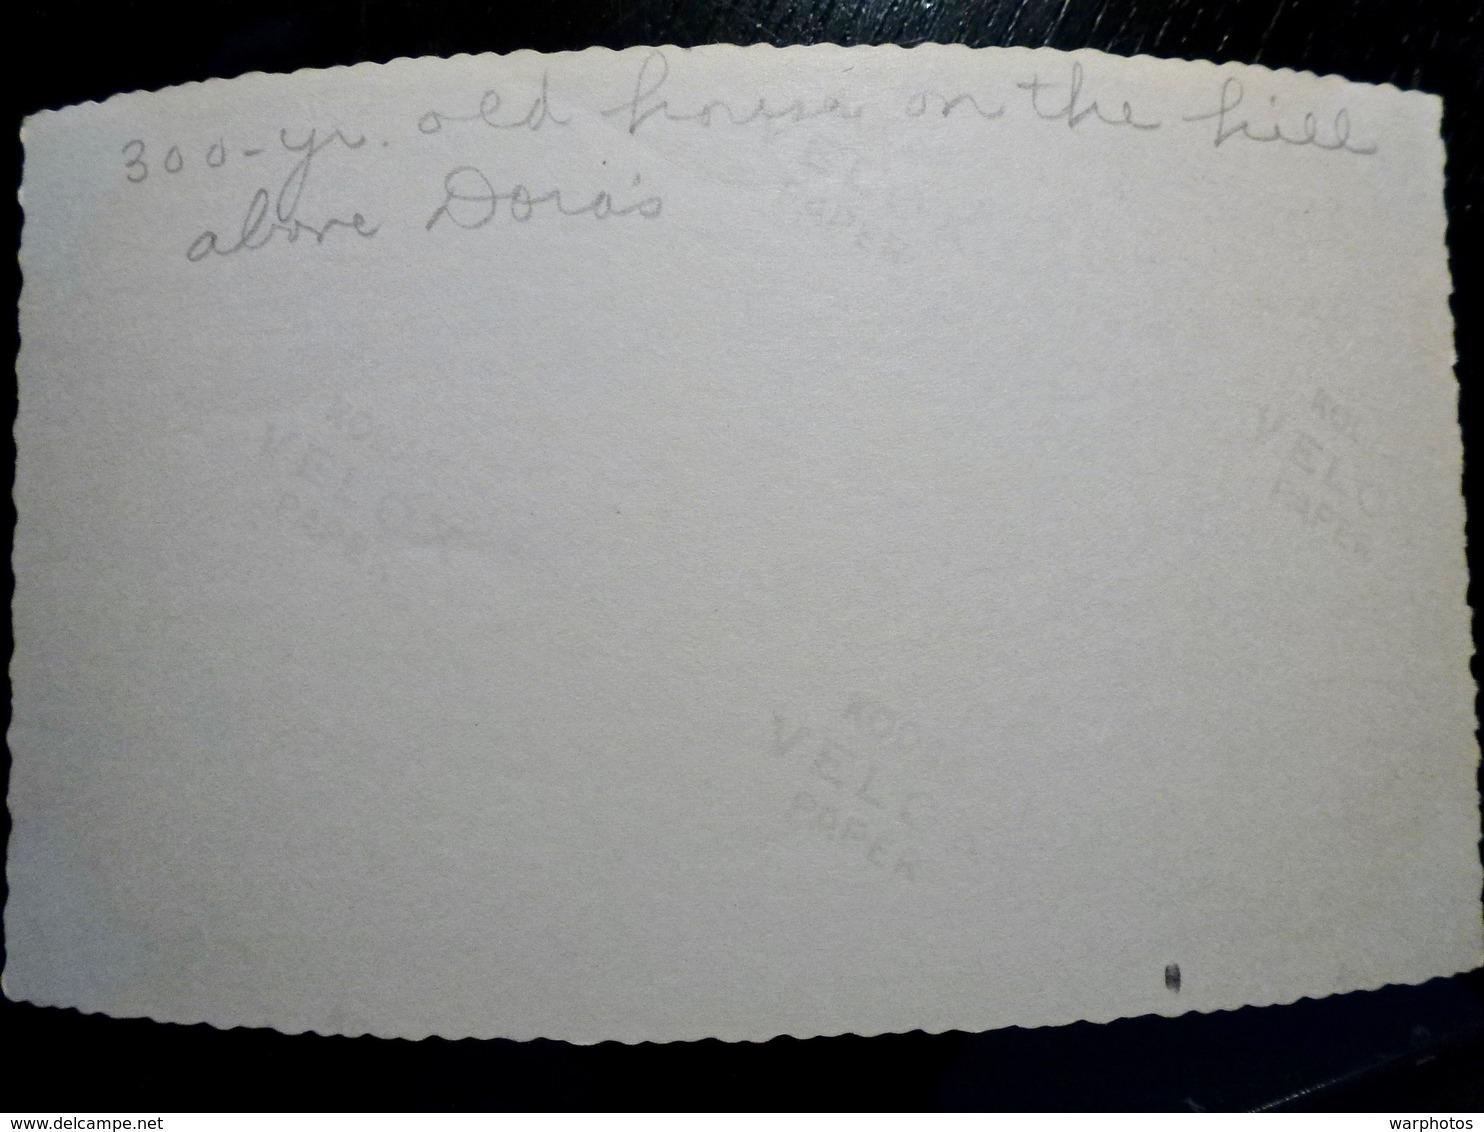 PHOTO ORIGINALE _ VINTAGE SNAPSHOT : MAISON VIEILLE De 300 ANS _ ROYAUME UNI _ 1957 - Lieux